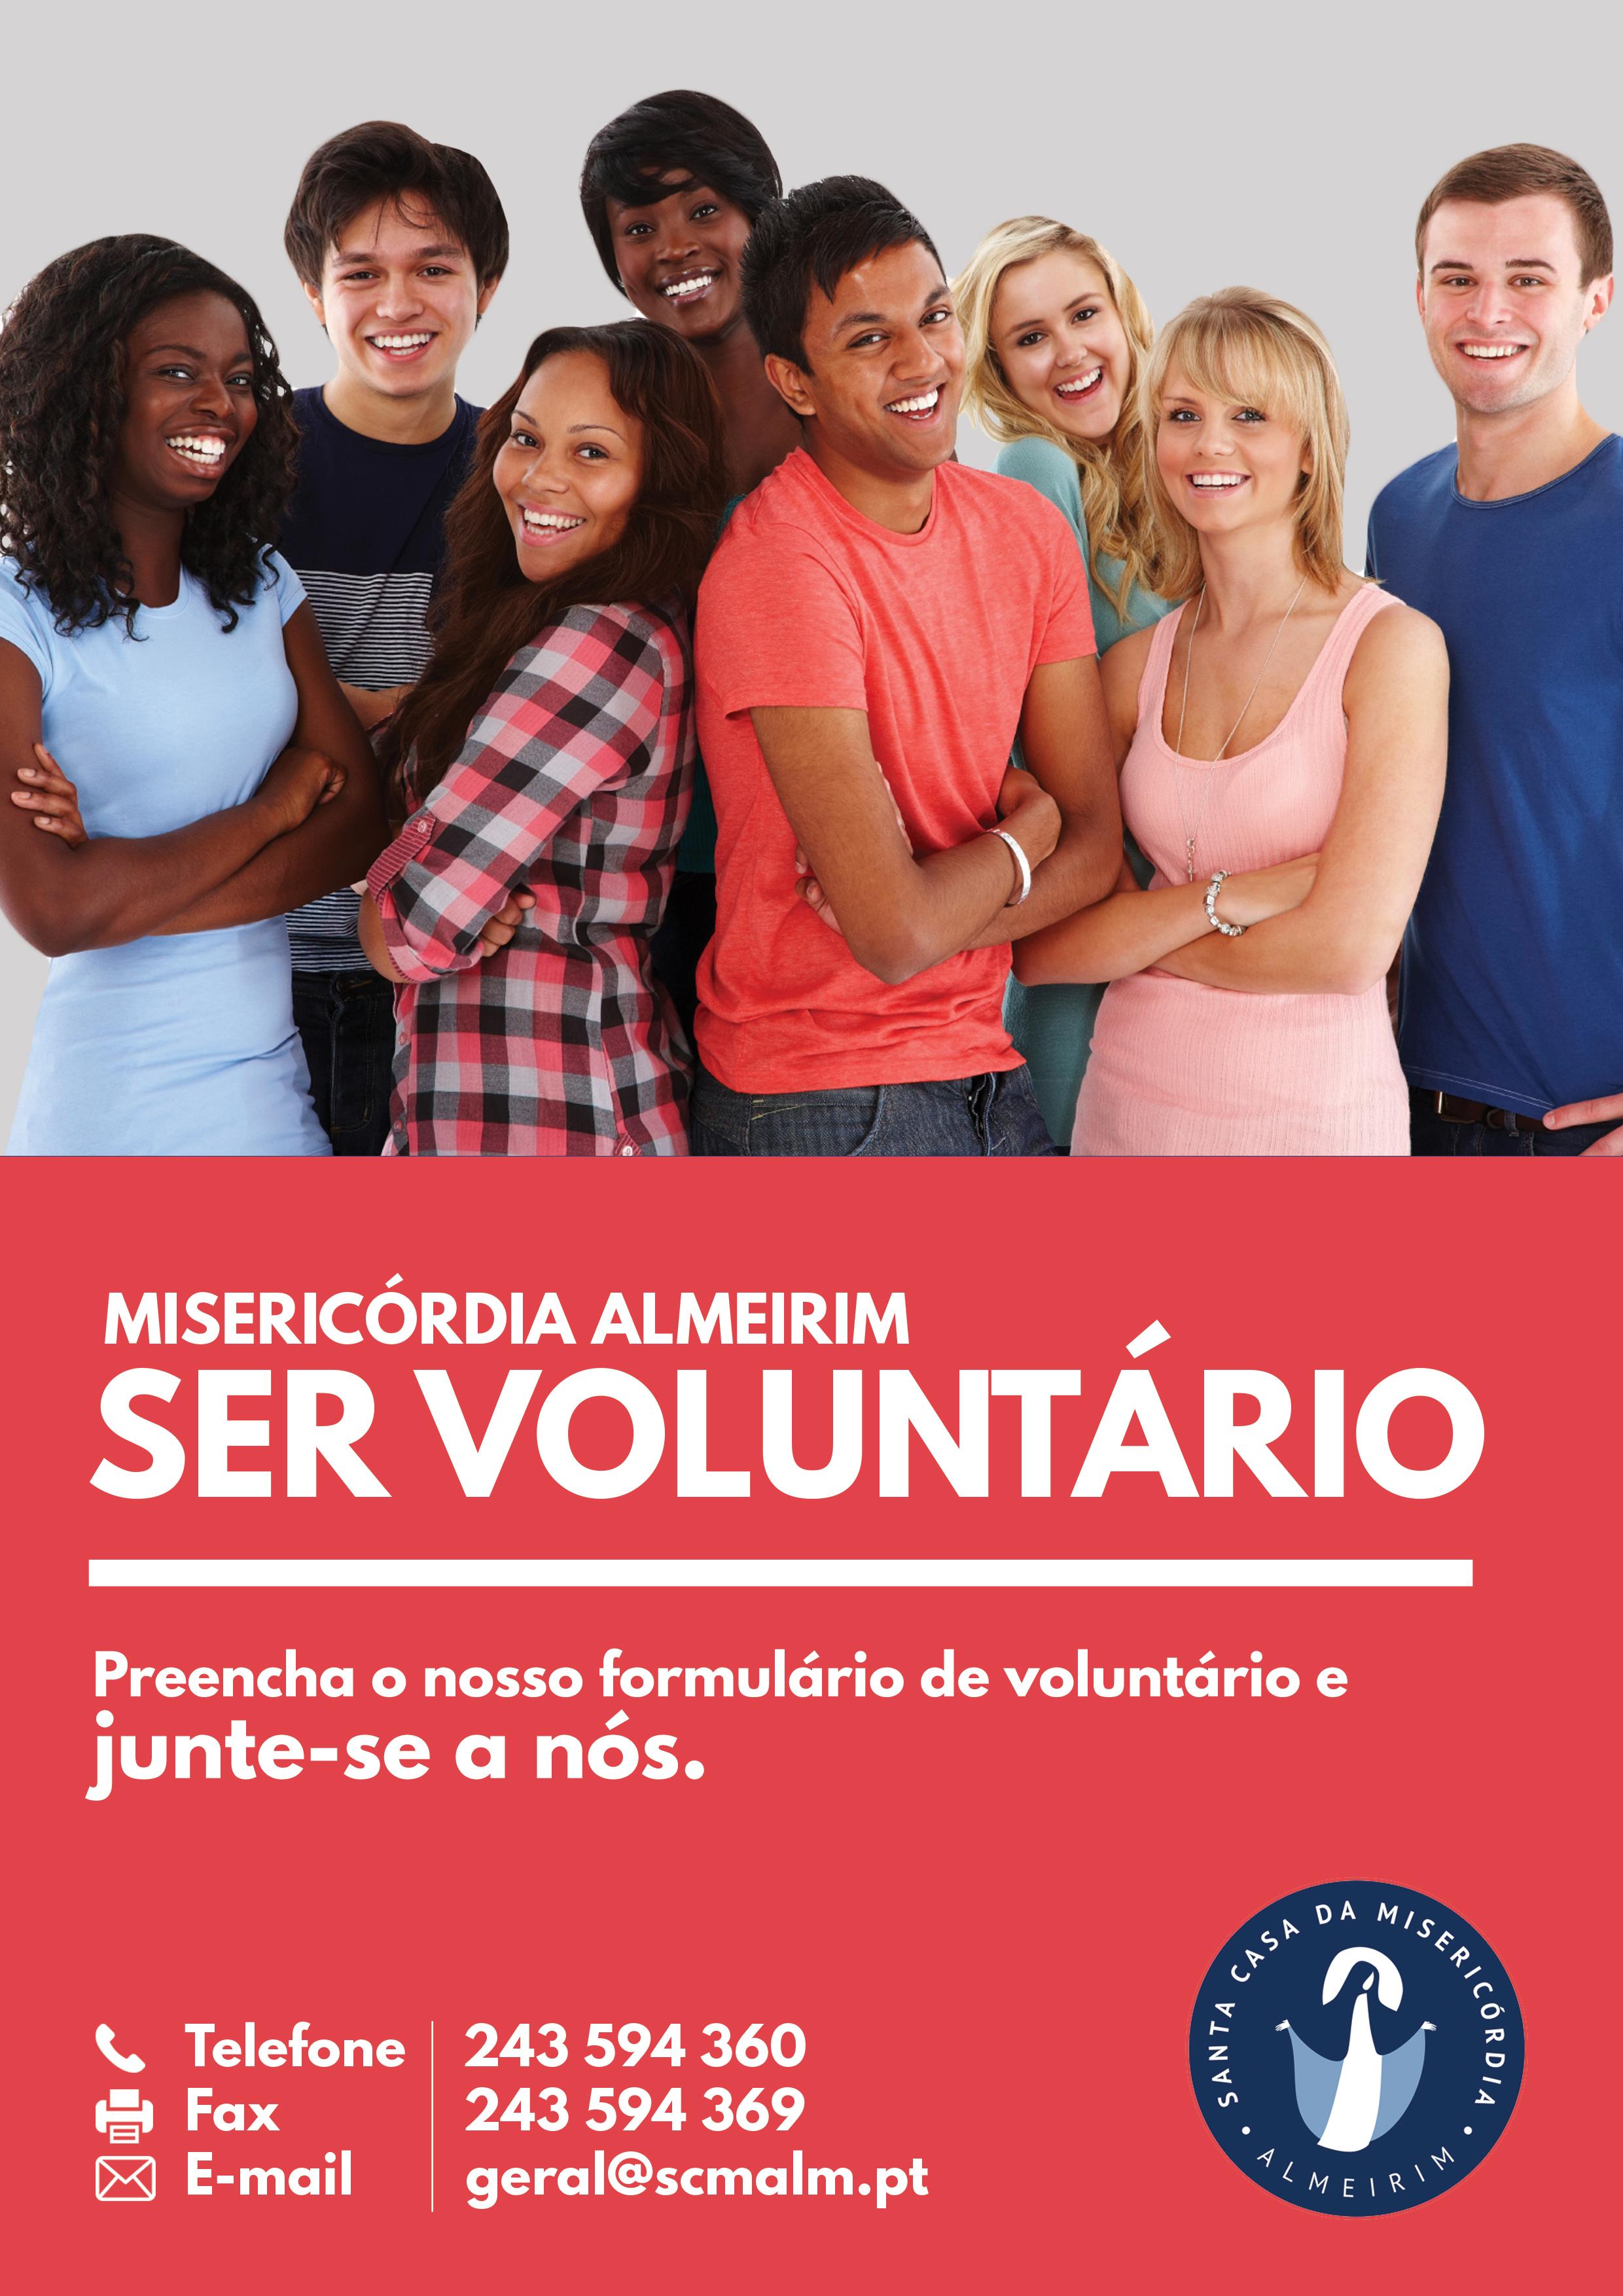 Ser Voluntário na Misericórdia de Almeirim